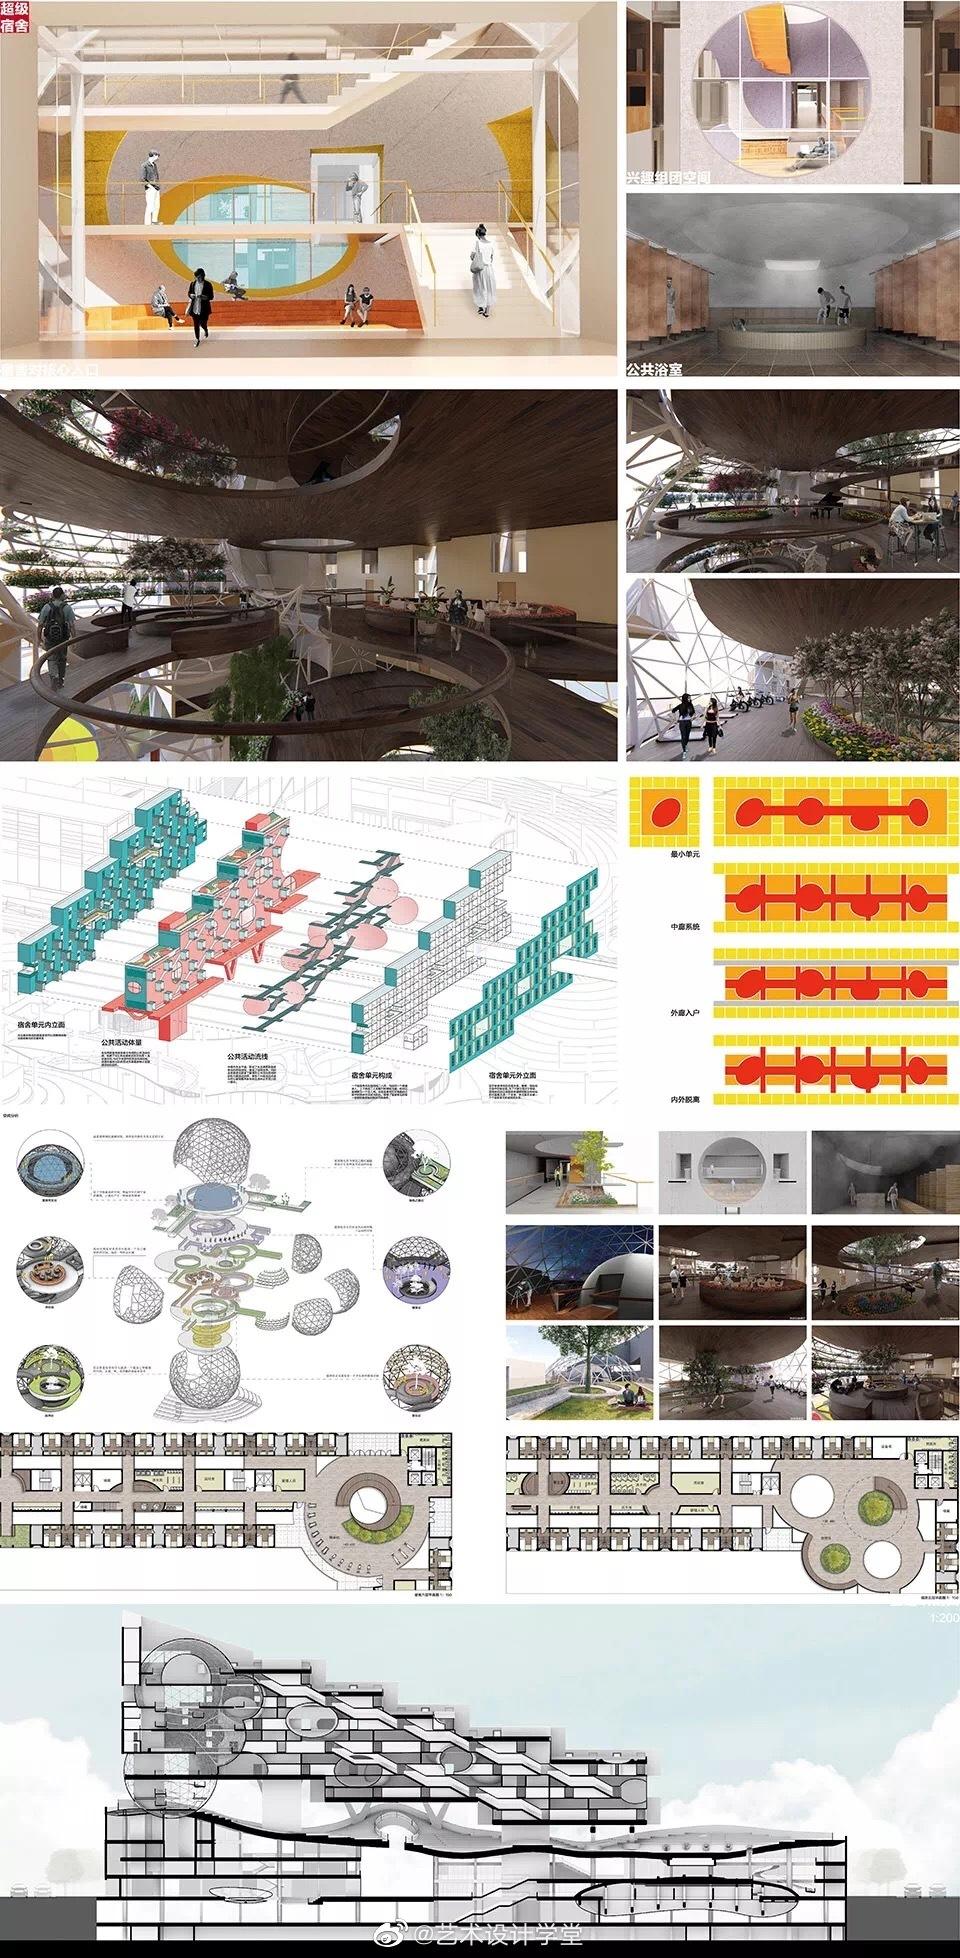 超级校园| 同济大学建筑与城市规划学院优秀毕业设计